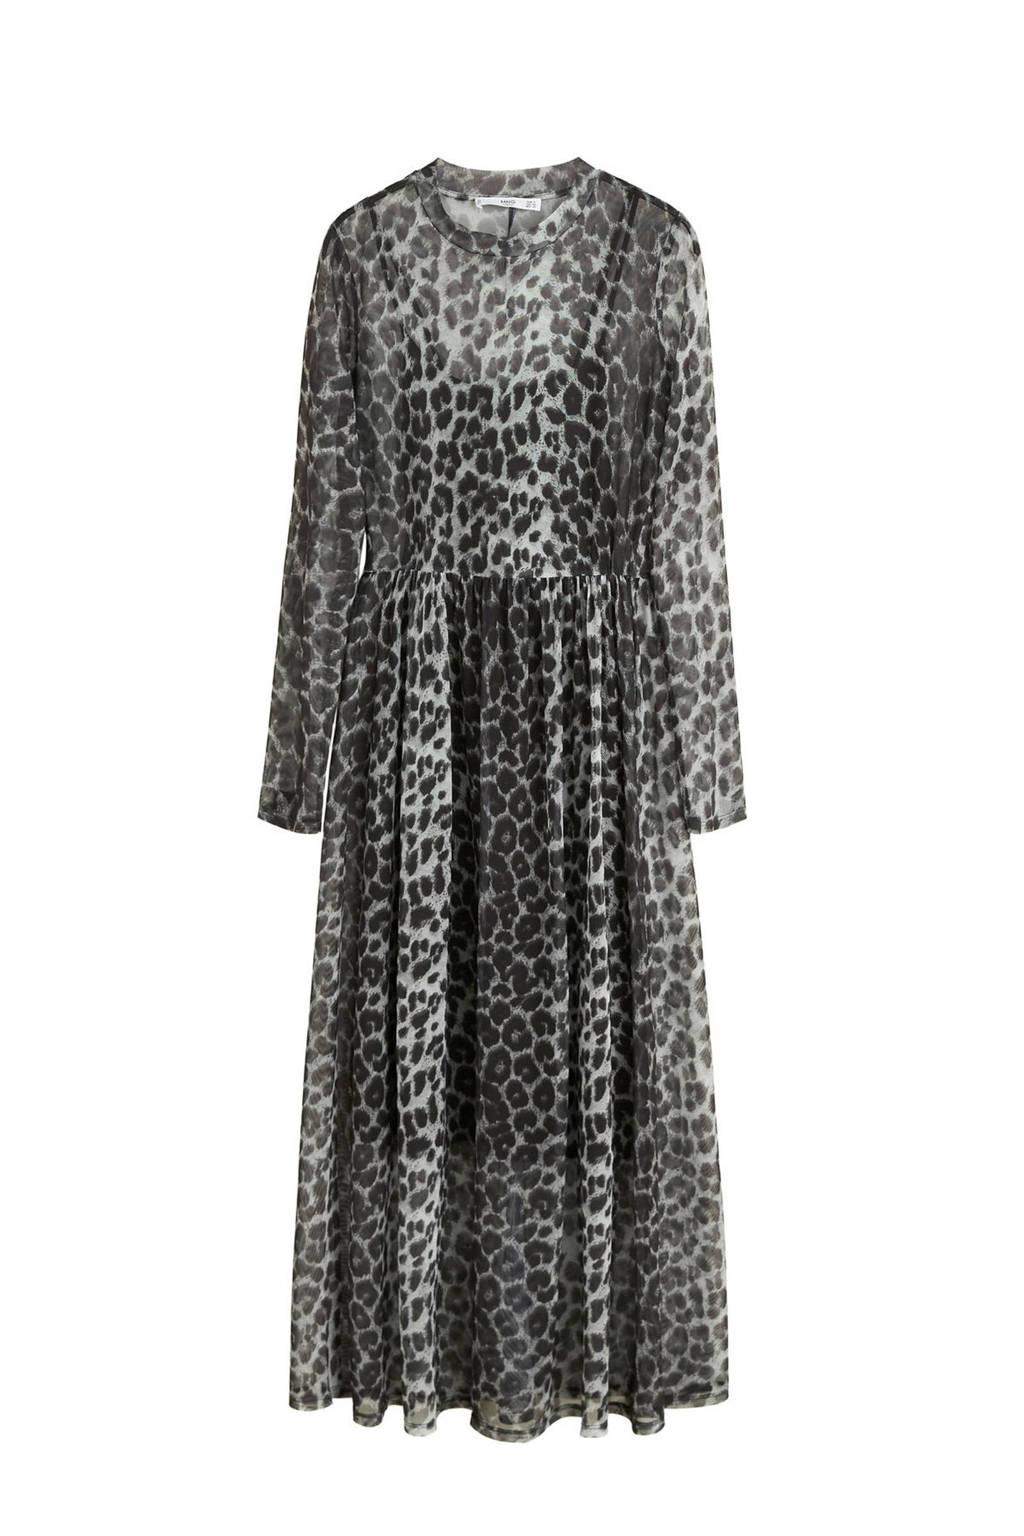 Mango jurk met panterprint zwart, Zwart/grijs